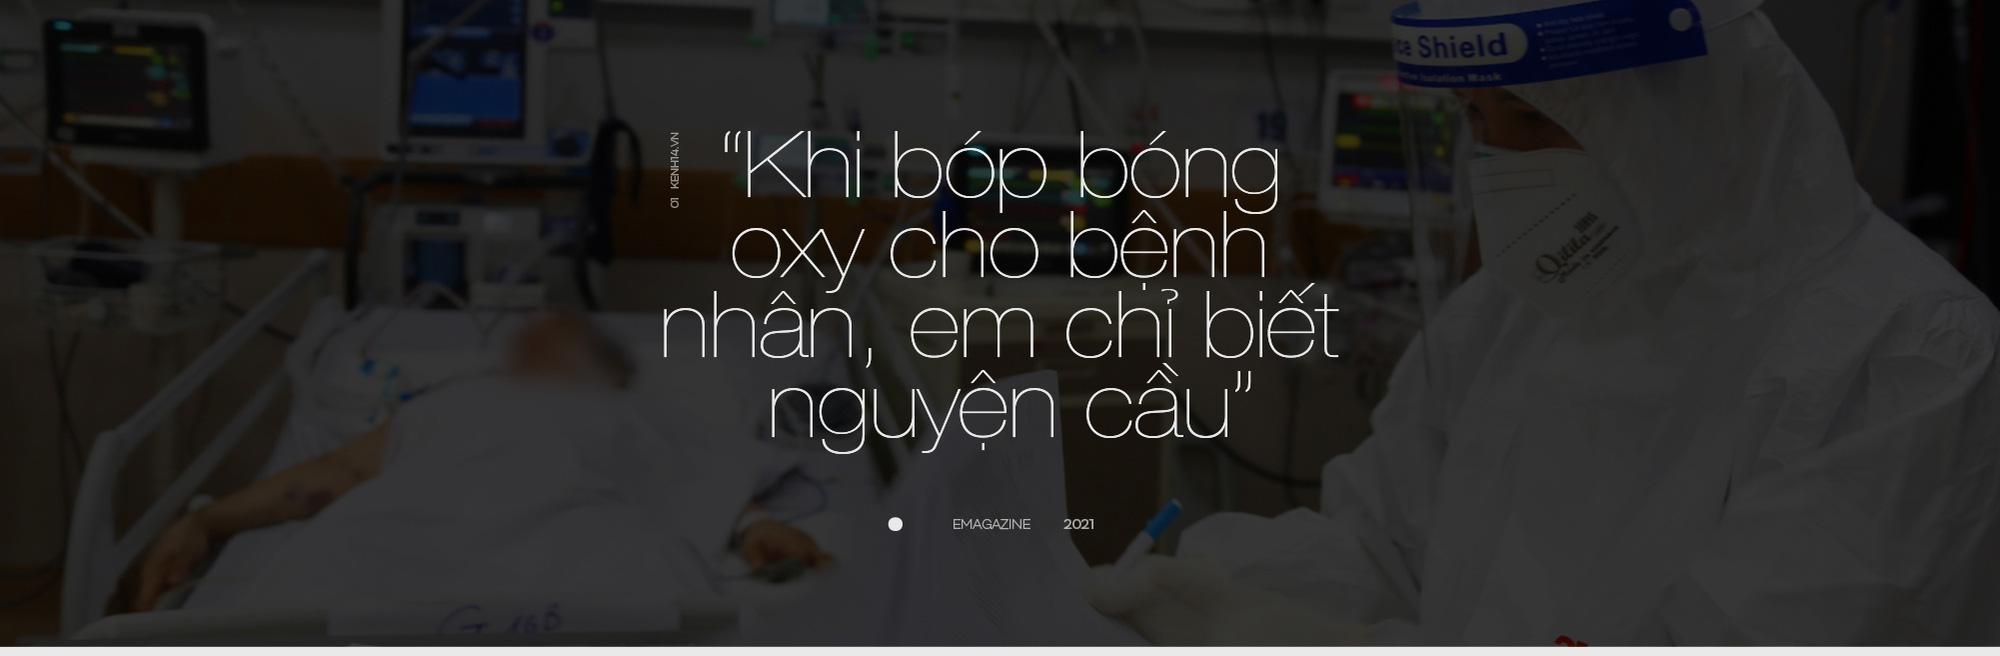 """7 giờ tại bệnh viện hồi sức Covid-19: Phút cân não giành giật từng hơi thở và cái cúi đầu """"tạm biệt"""" - Ảnh 19."""